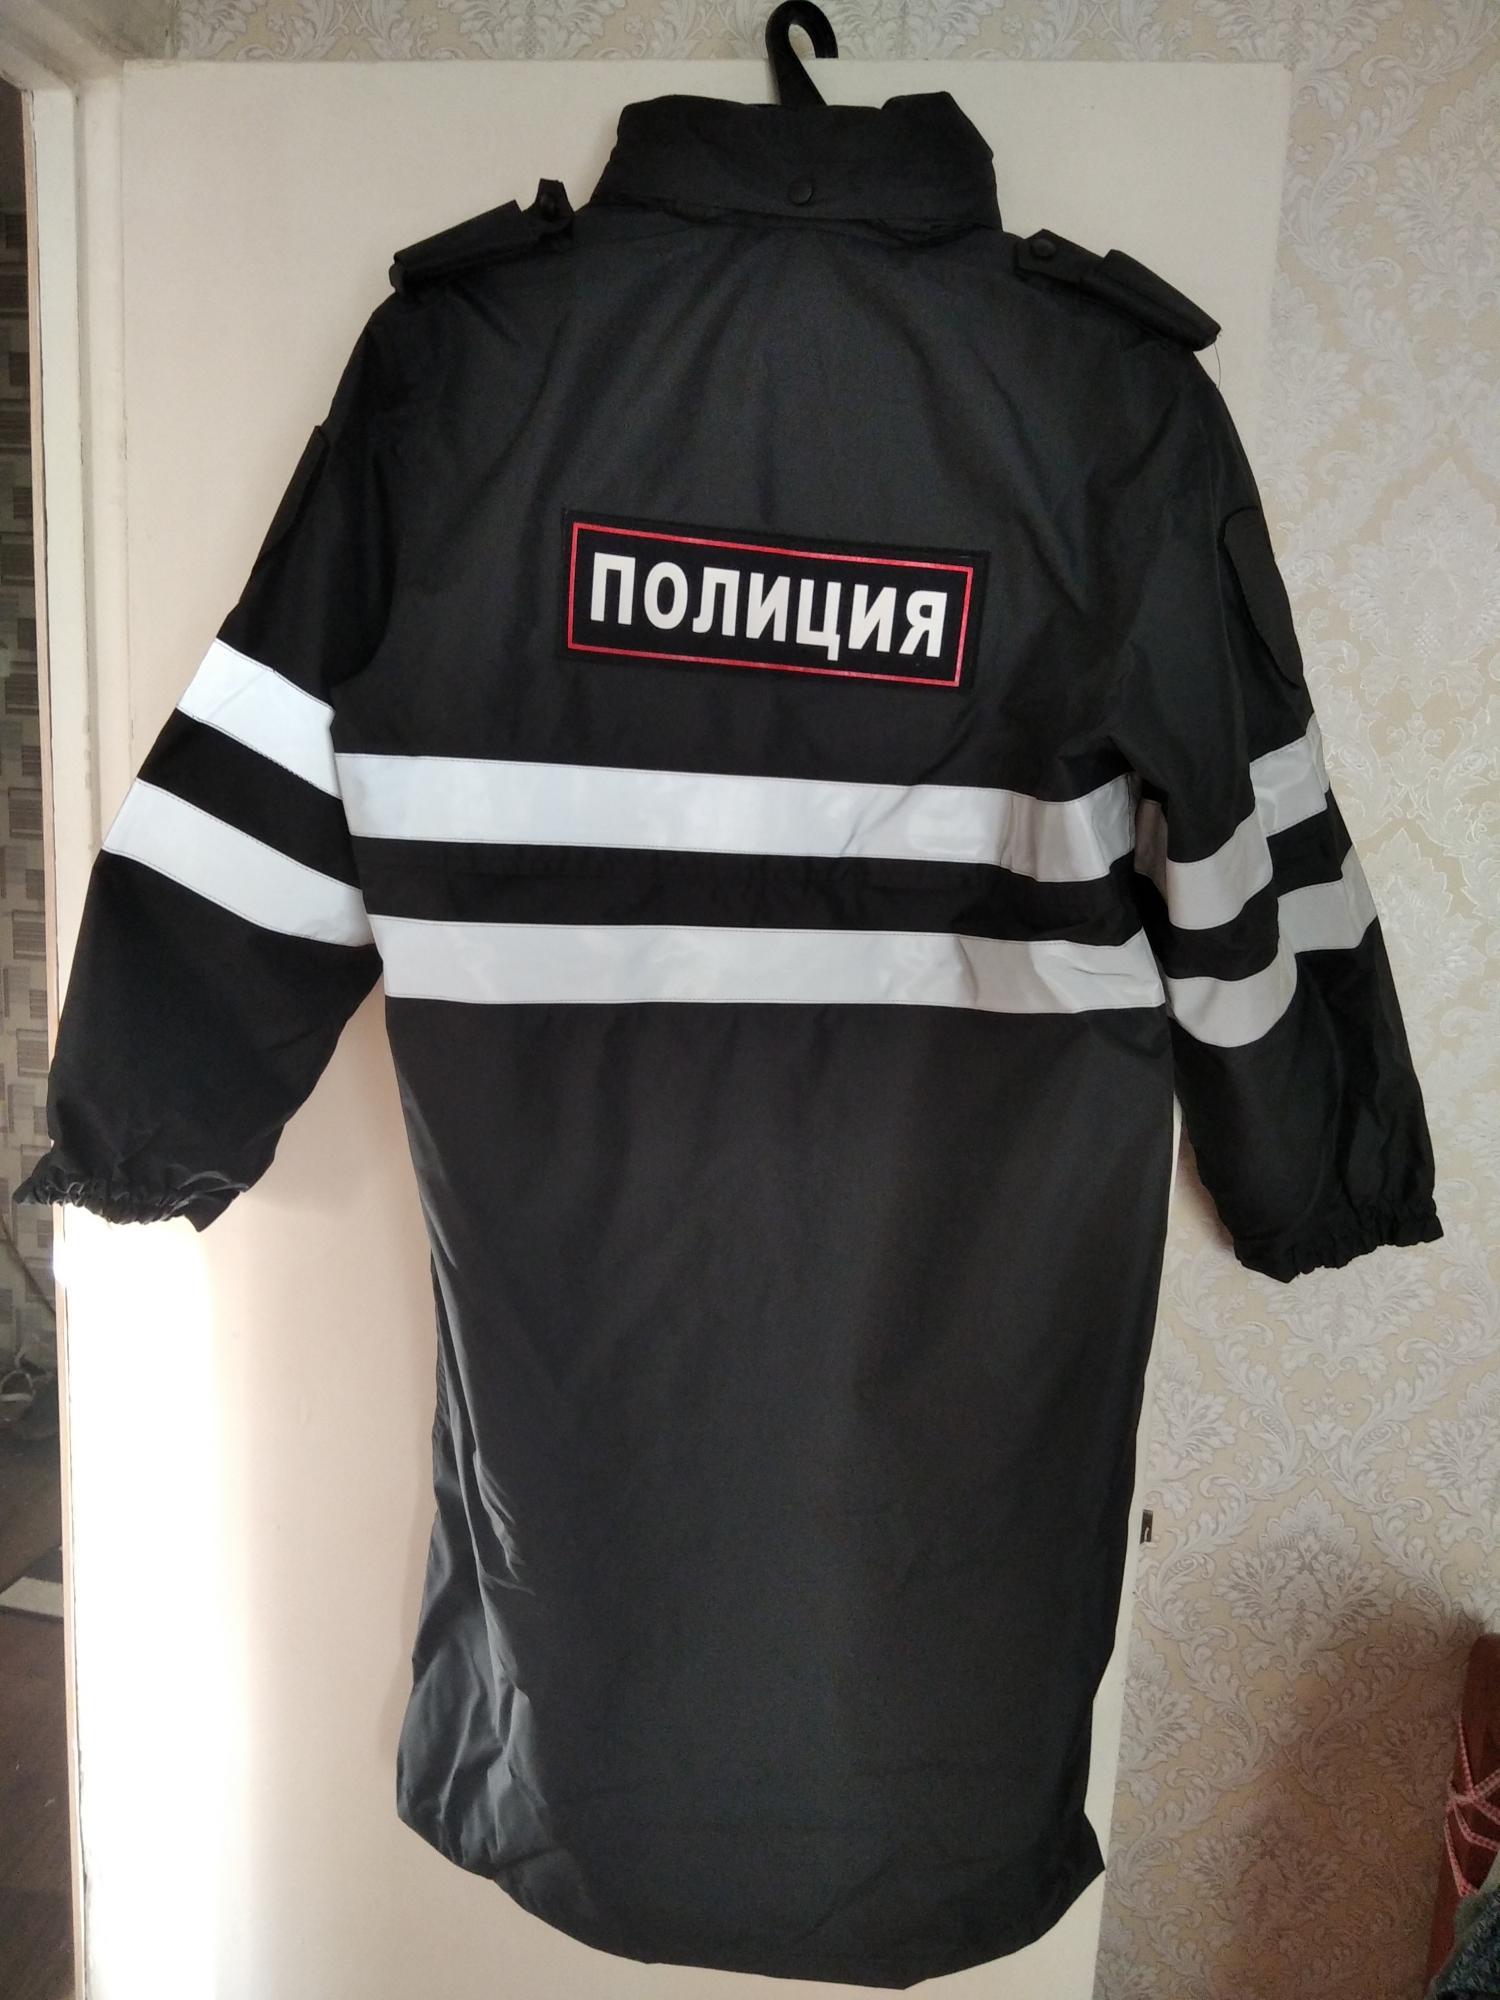 Плащ ВВЗ МВД в Москве 89151935522 купить 2